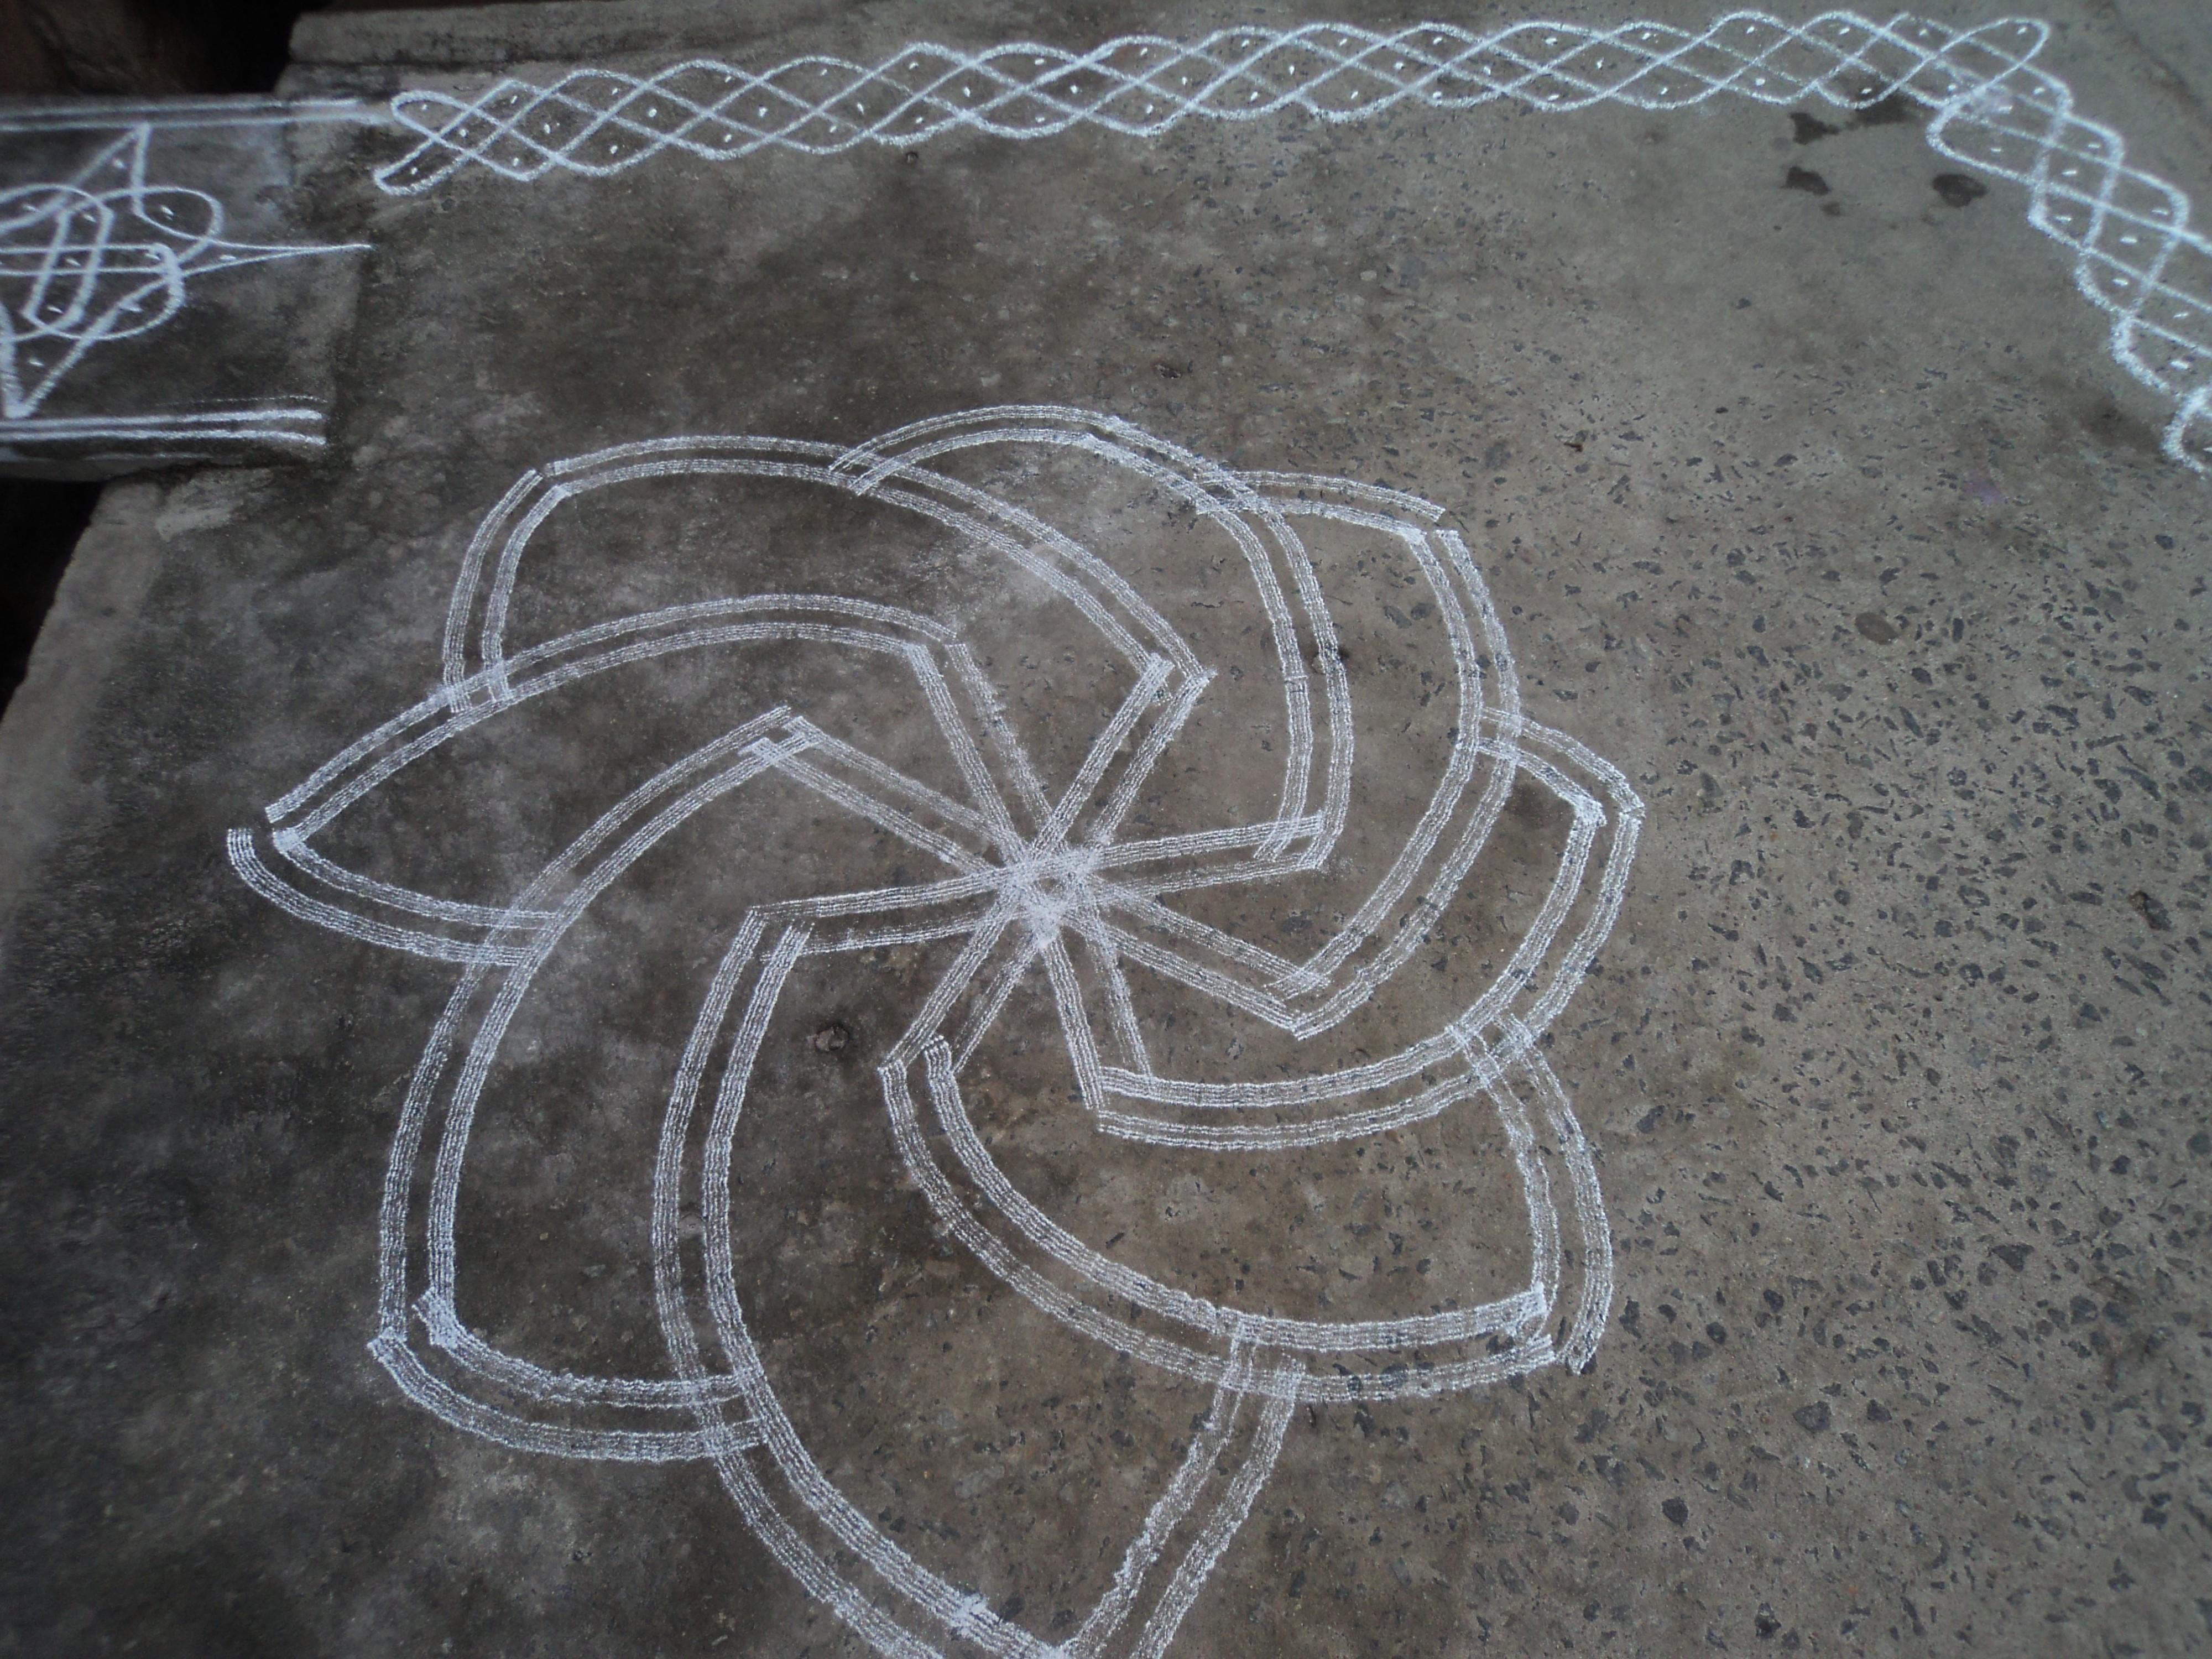 file kolam attur town 2012 salem tamil nadu 10 jpg   wikimedia commons